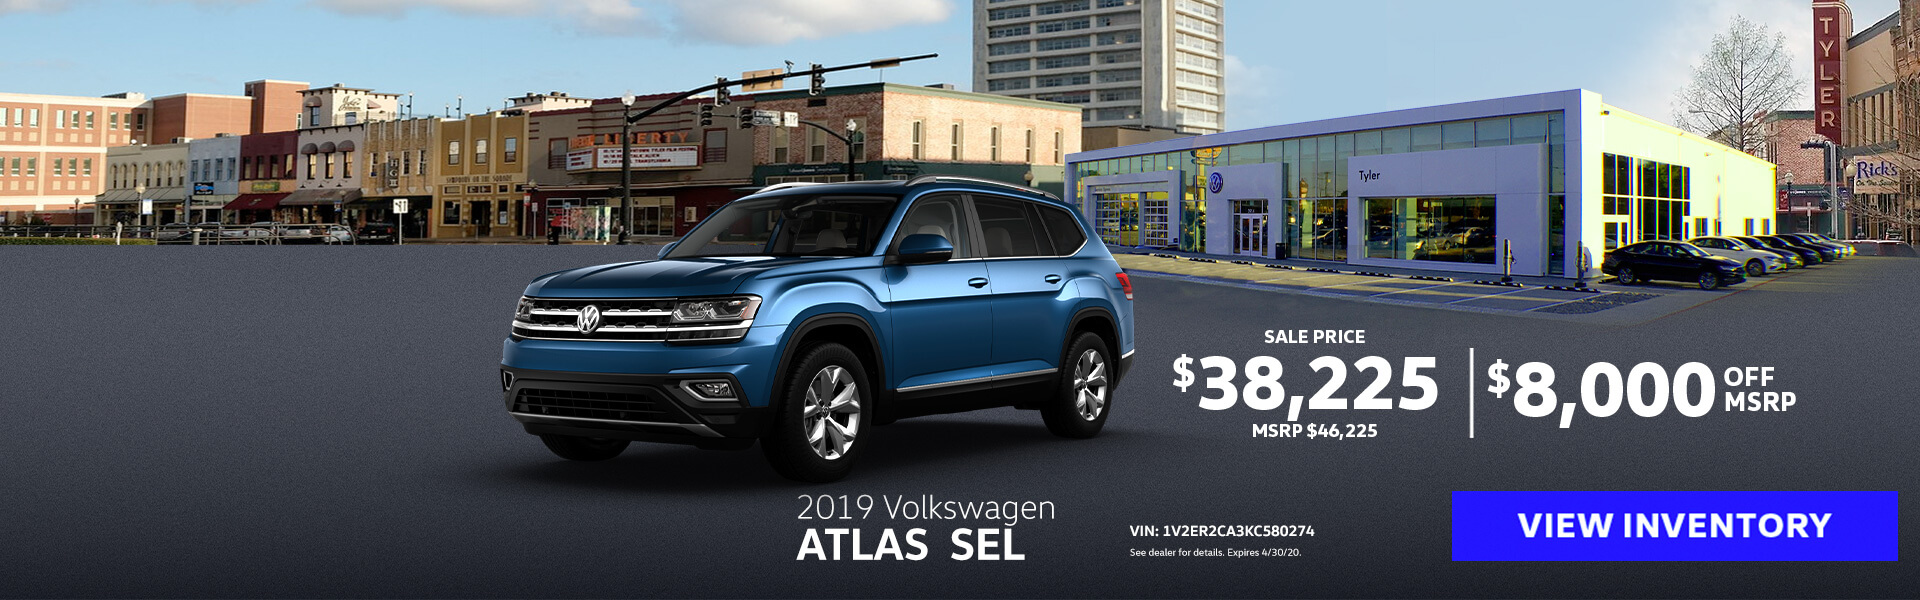 Volkswagen Atlas Offer